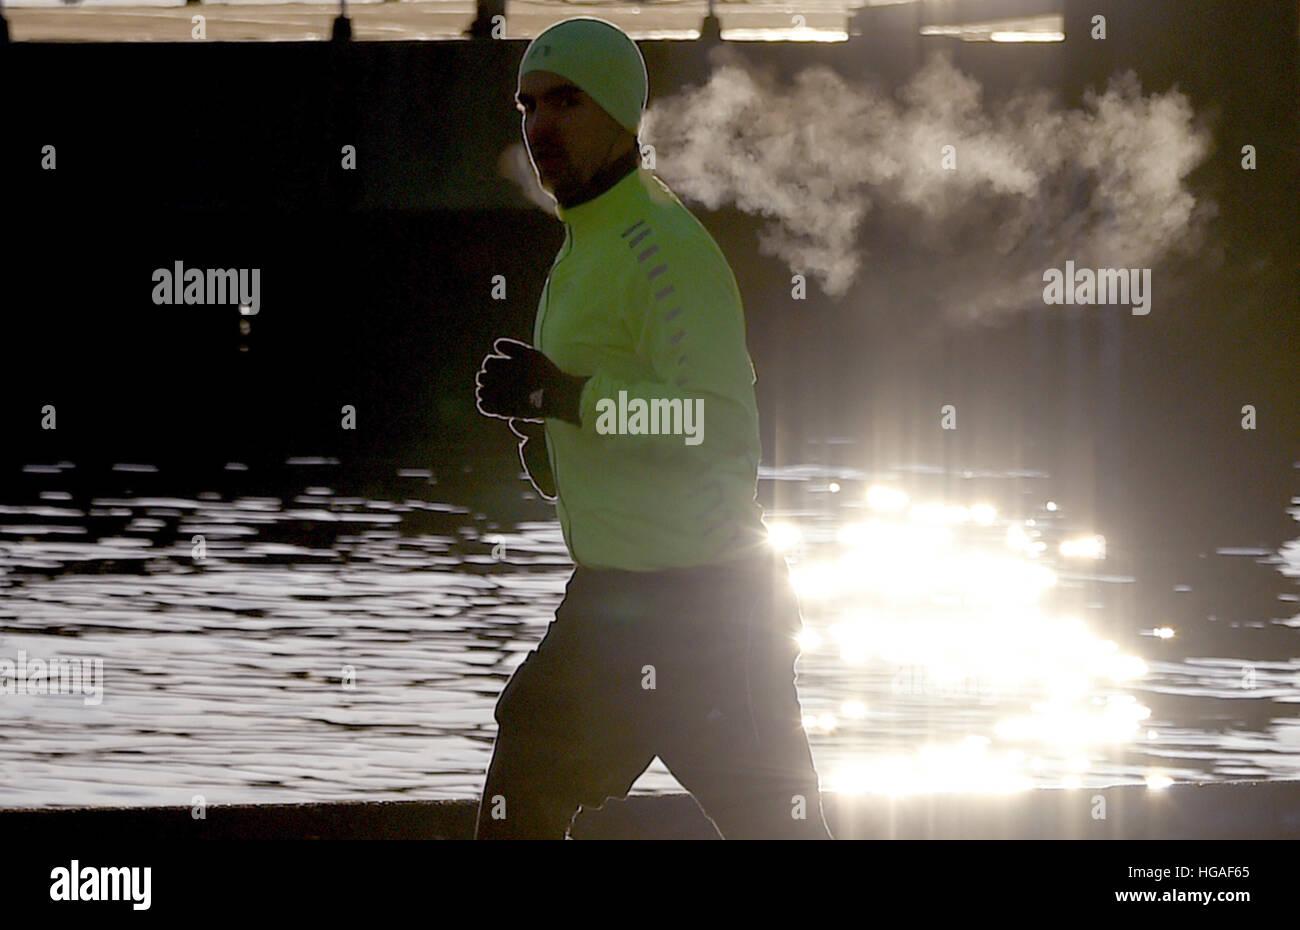 Kiel, Alemania. 06Th ene, 2017. Un corredor recorre el río Foerde poco después del amanecer en Kiel, Alemania, Imagen De Stock